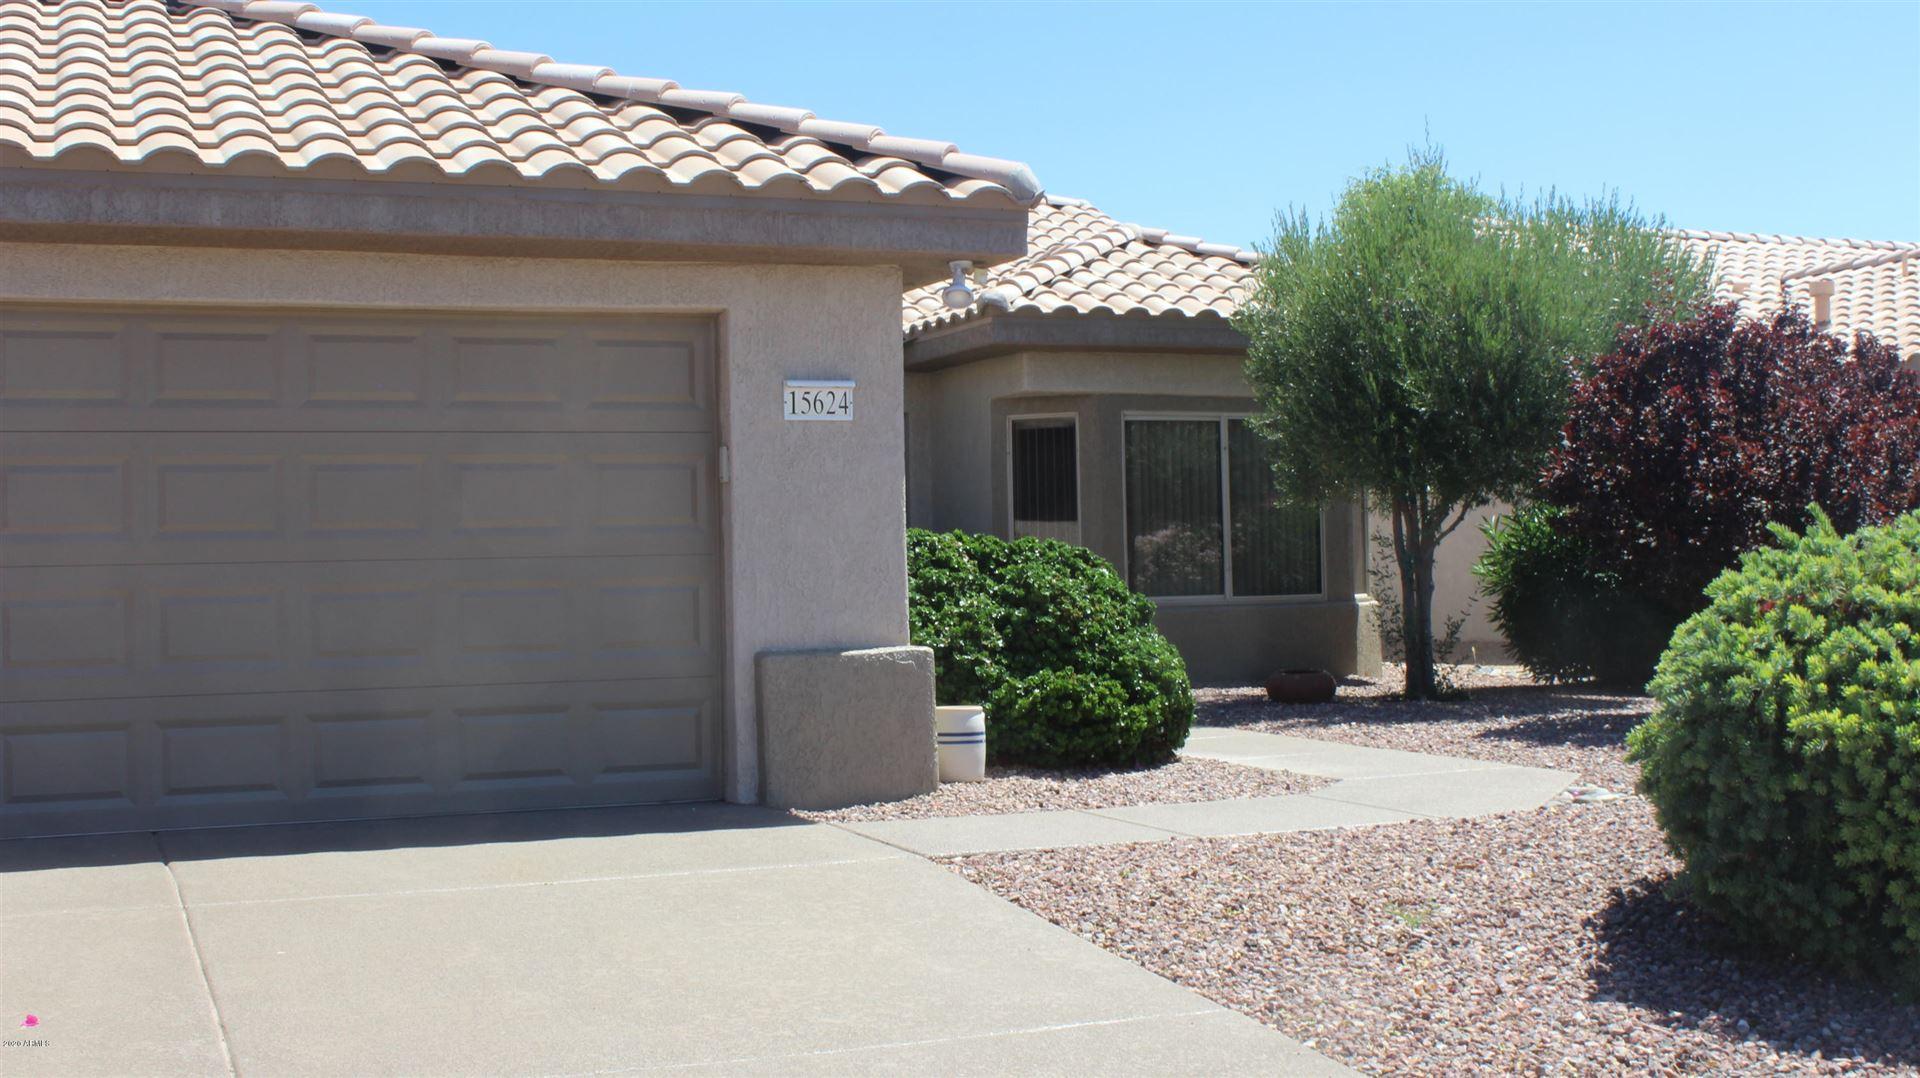 15624 W GRAND CREEK Lane W, Surprise, AZ 85374 - MLS#: 6097834